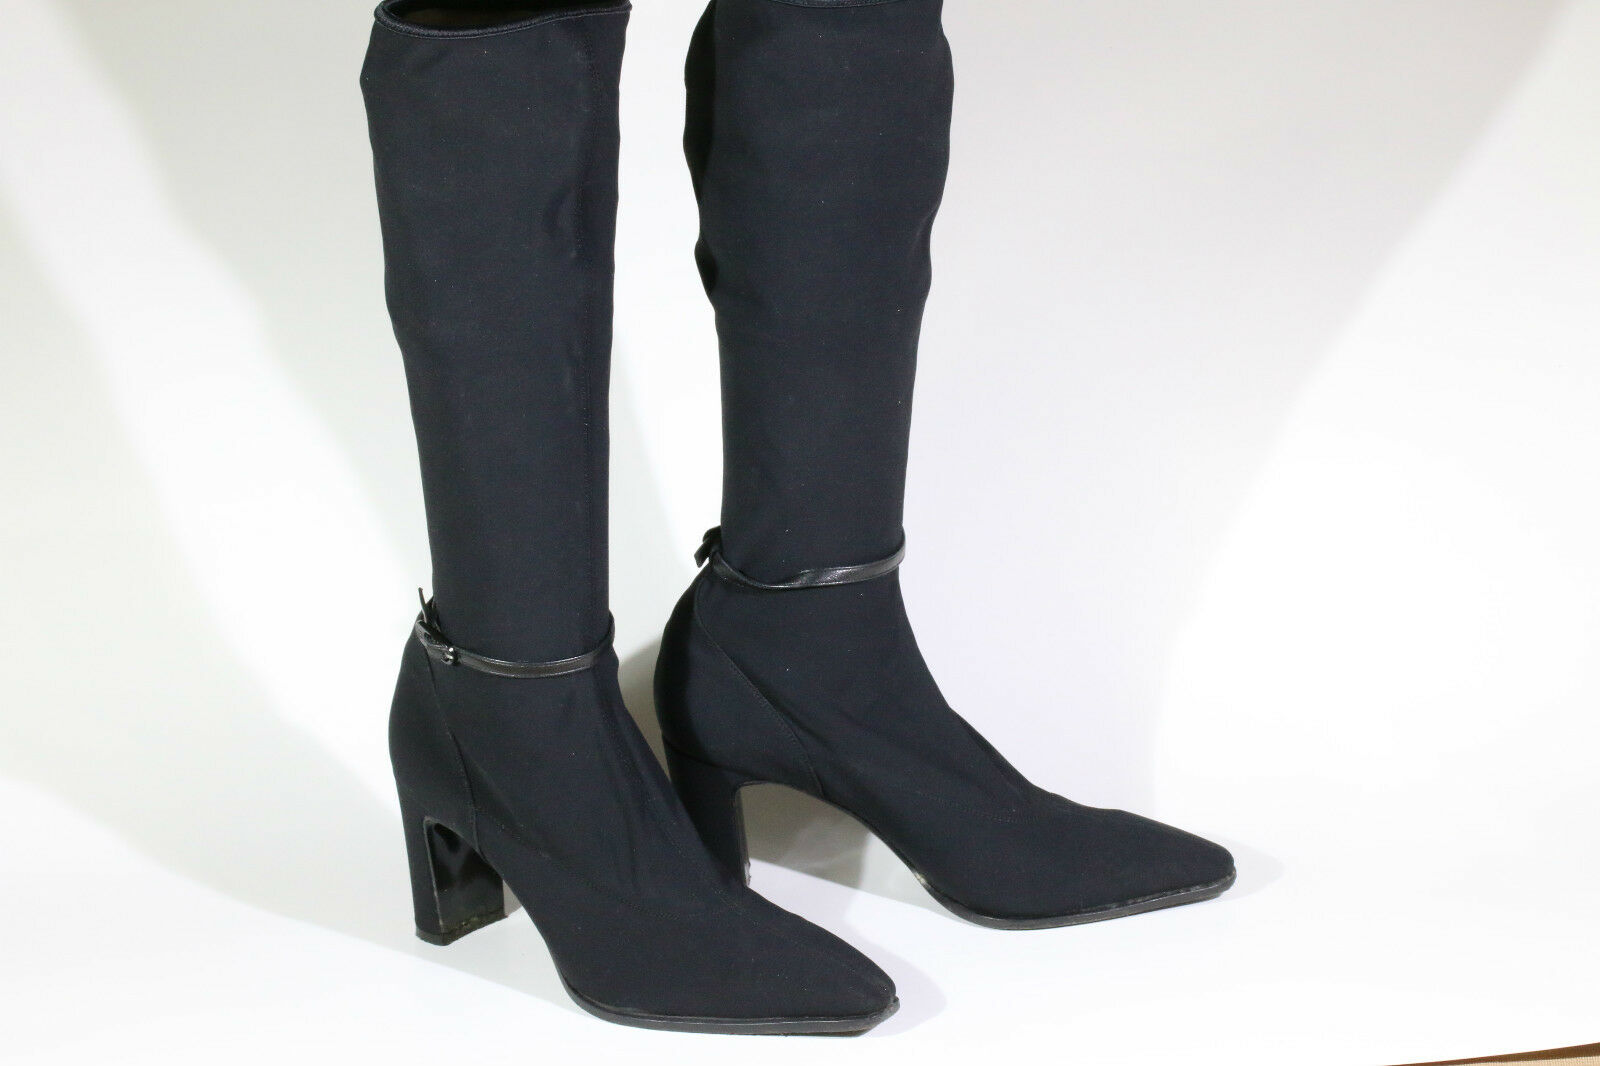 Versace Stiefletten schwarz Größe 38 ca. 8cm Absatz dif. - AVS10007 NC3